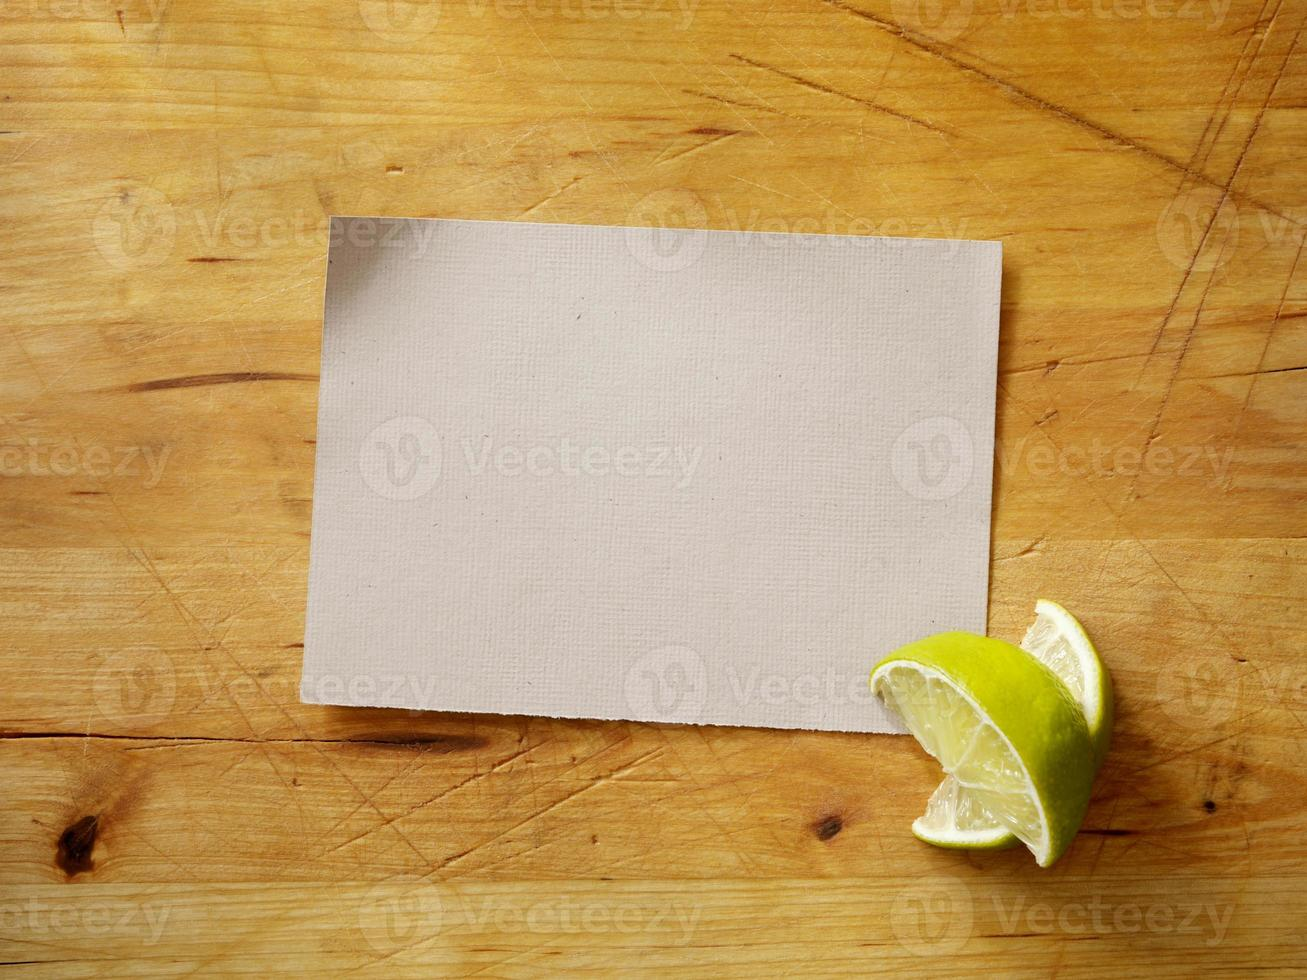 receptkort med färska limefrukter foto